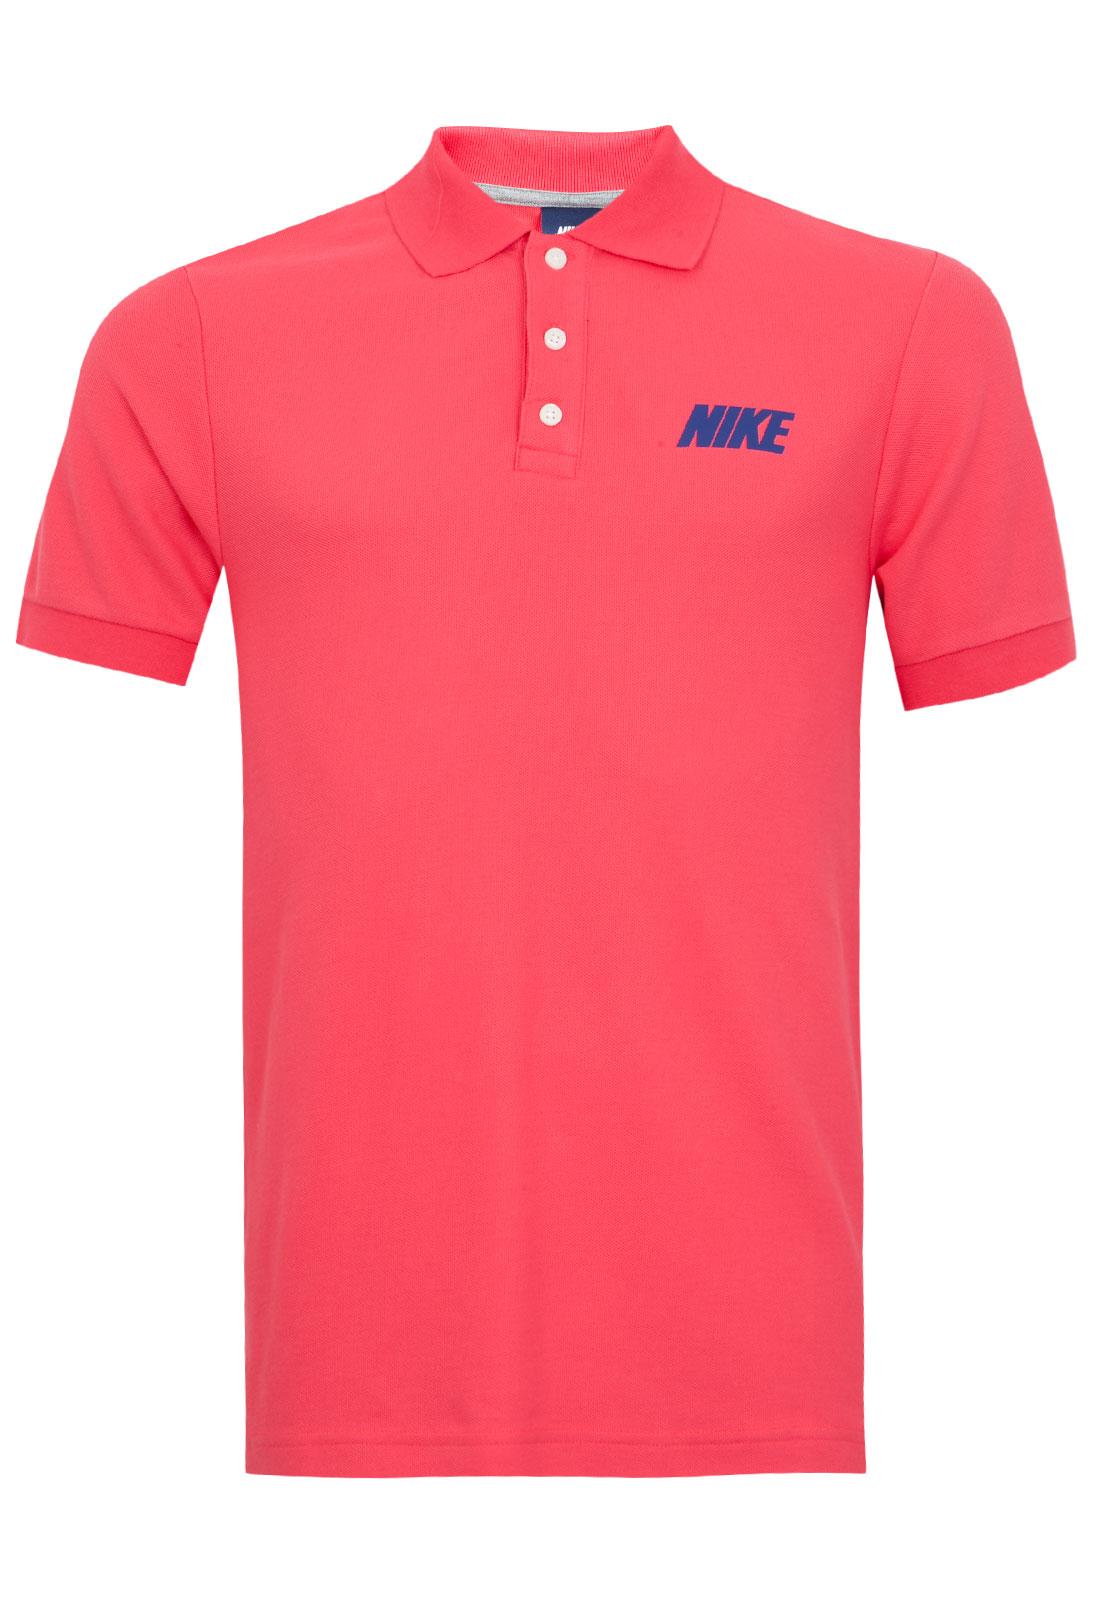 68ac572159f6d camisa polo nike vermelha - Revista das dicasRevista das dicas